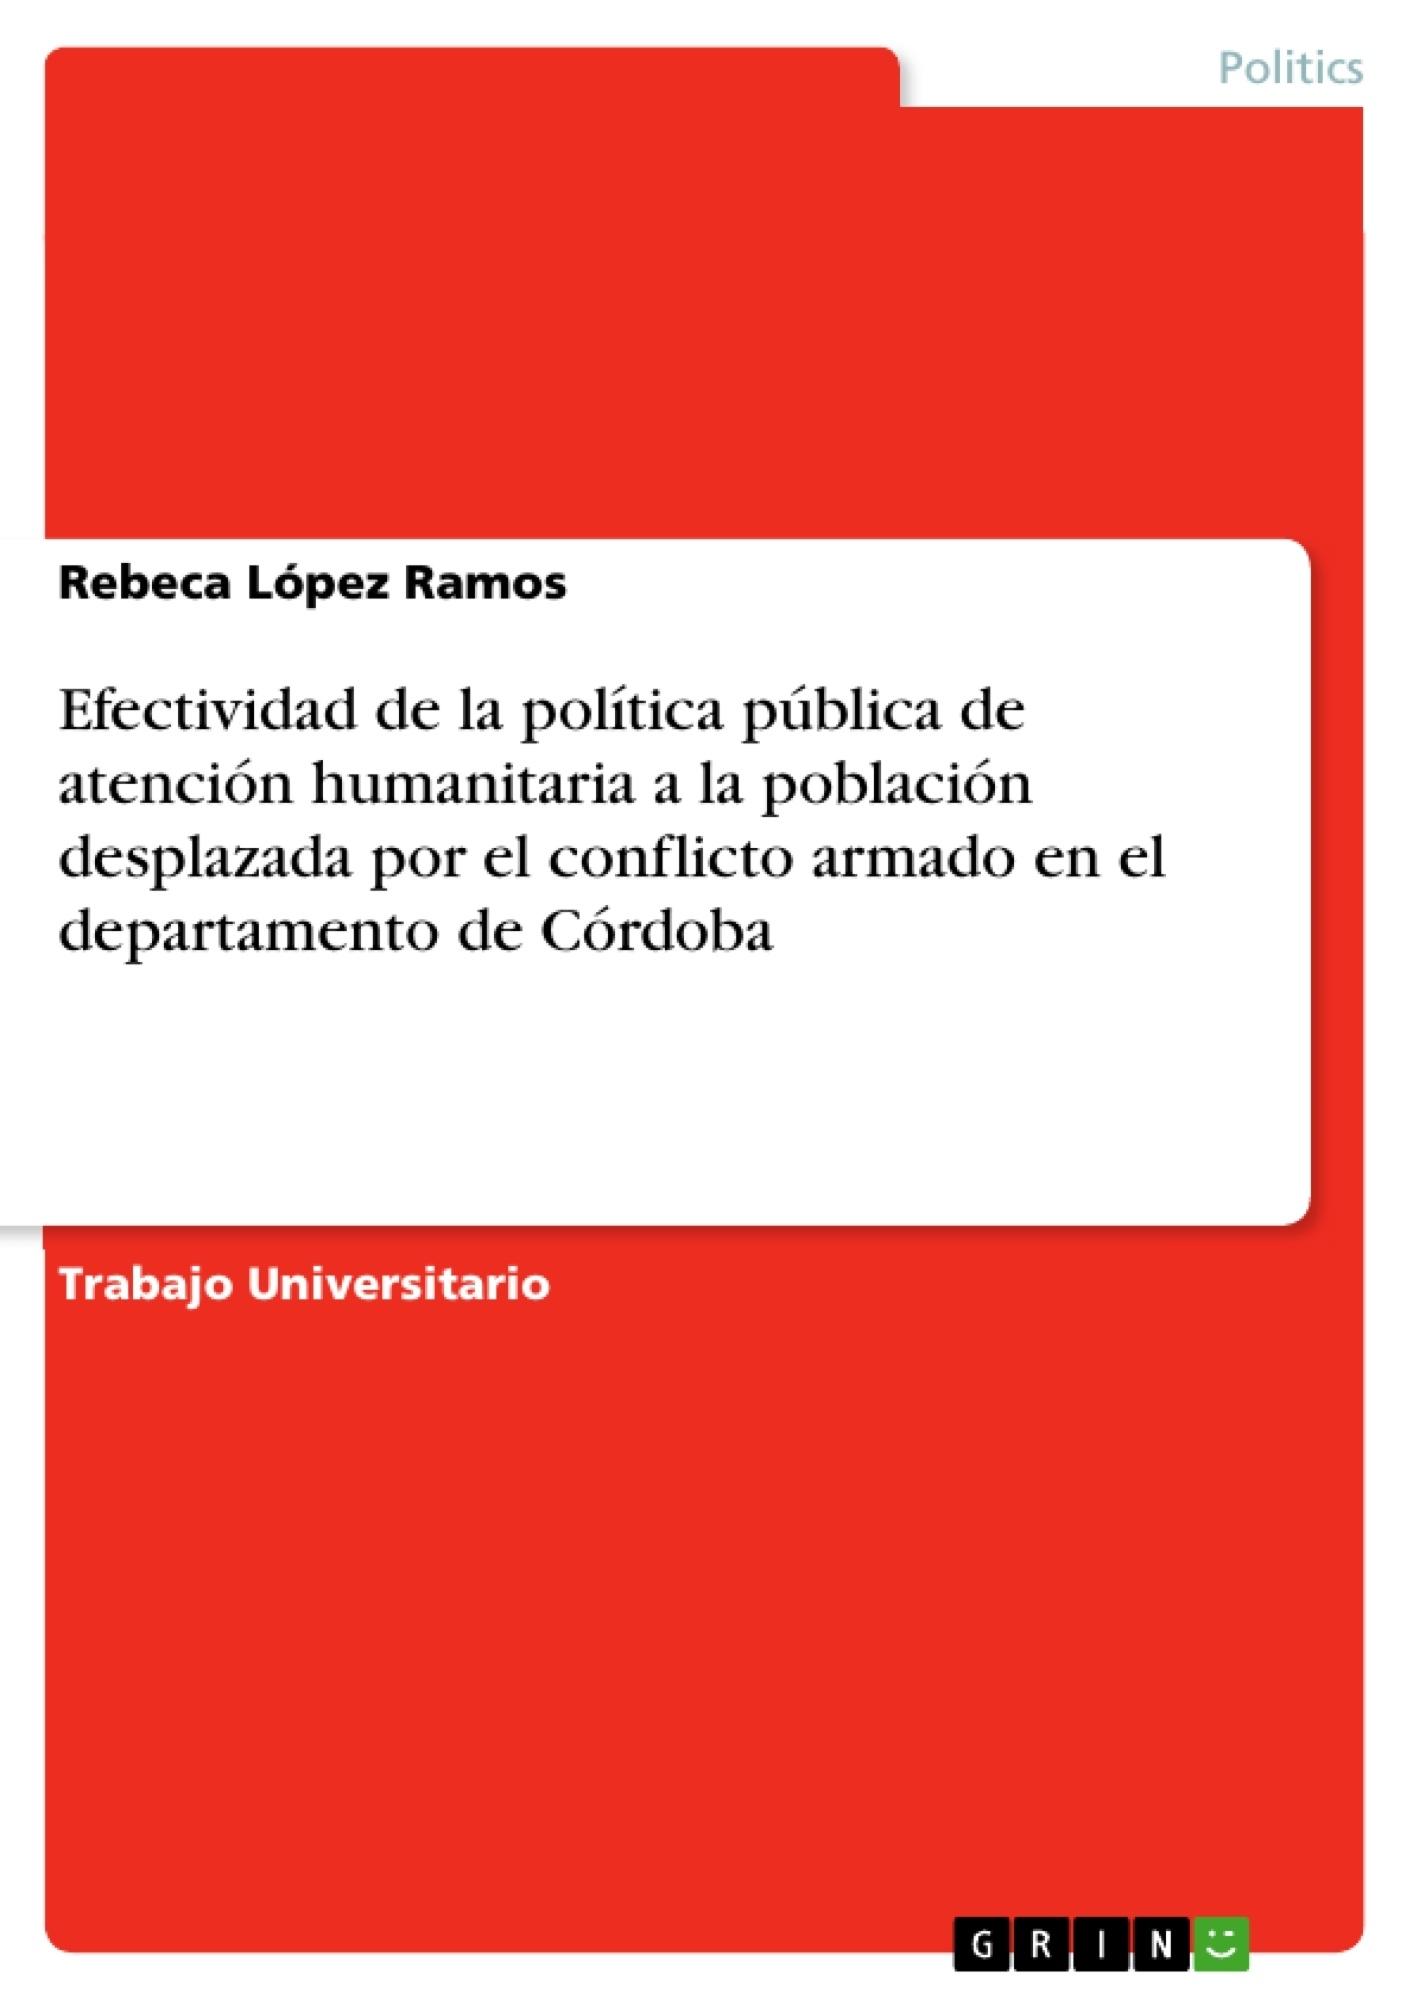 Título: Efectividad de la política pública de atención humanitaria a la población desplazada por el conflicto armado en el departamento de Córdoba